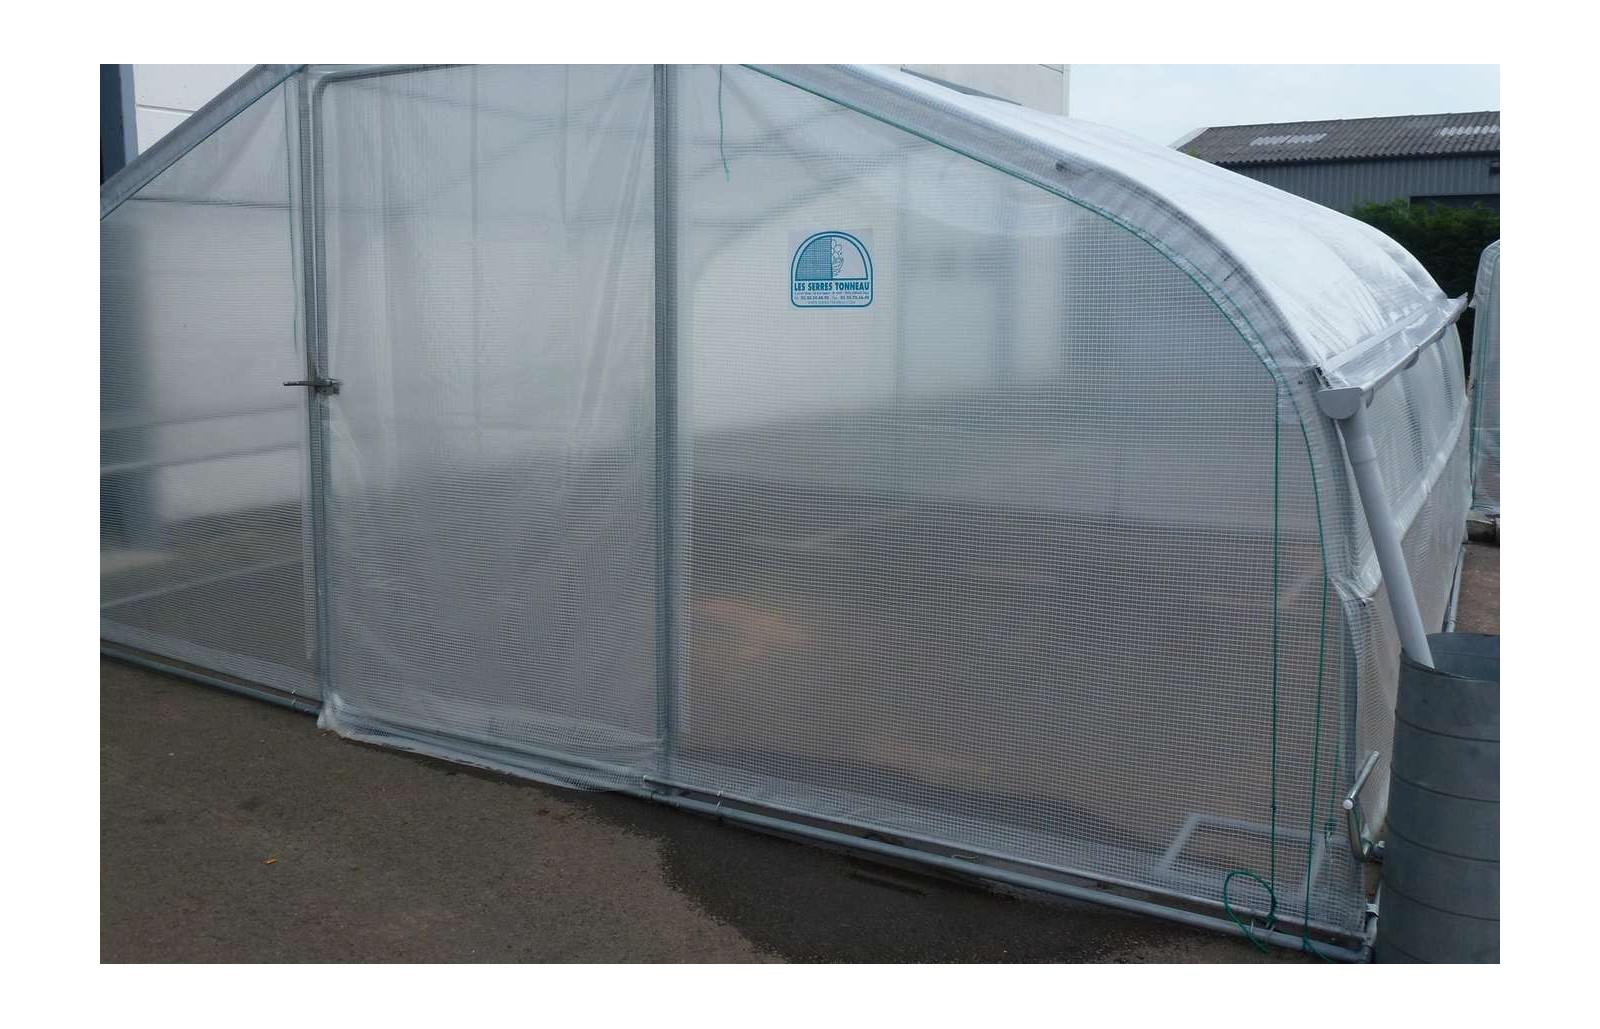 kit recuperation d 39 eau de pluie 1 longueur serre super long 9m00 serres tonneau. Black Bedroom Furniture Sets. Home Design Ideas